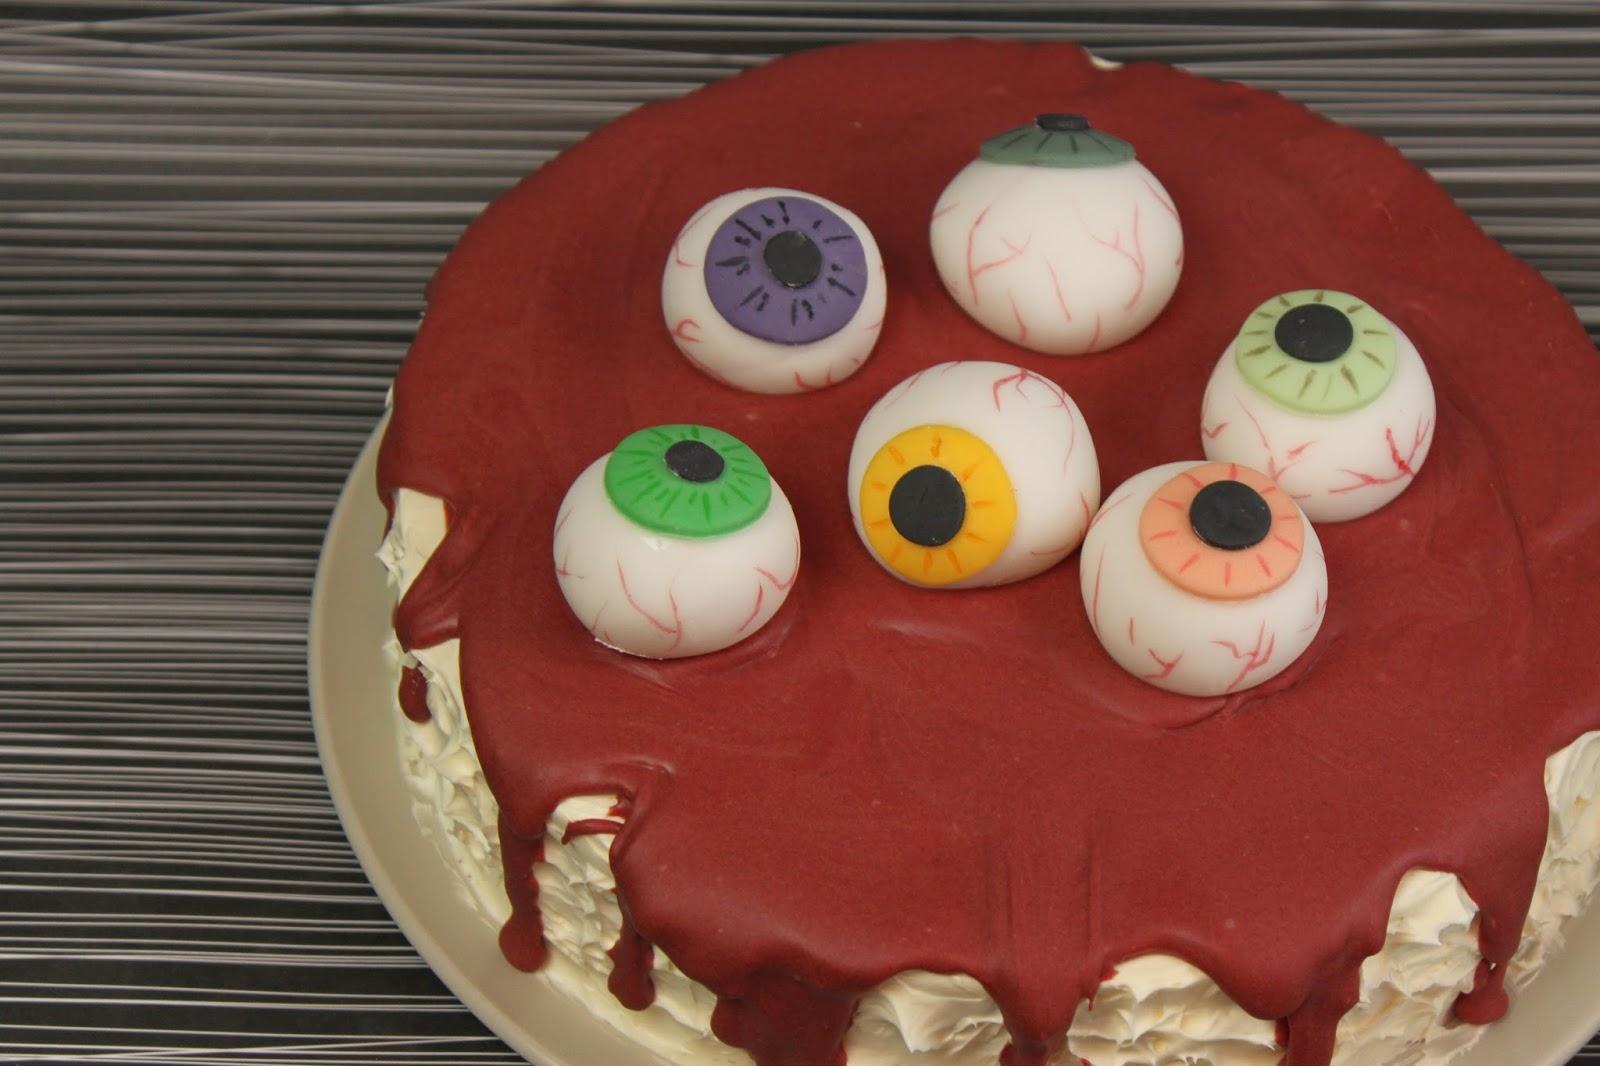 Halloween Essen Blutige Halloweentorte Mit Augapfeln Red Velvet